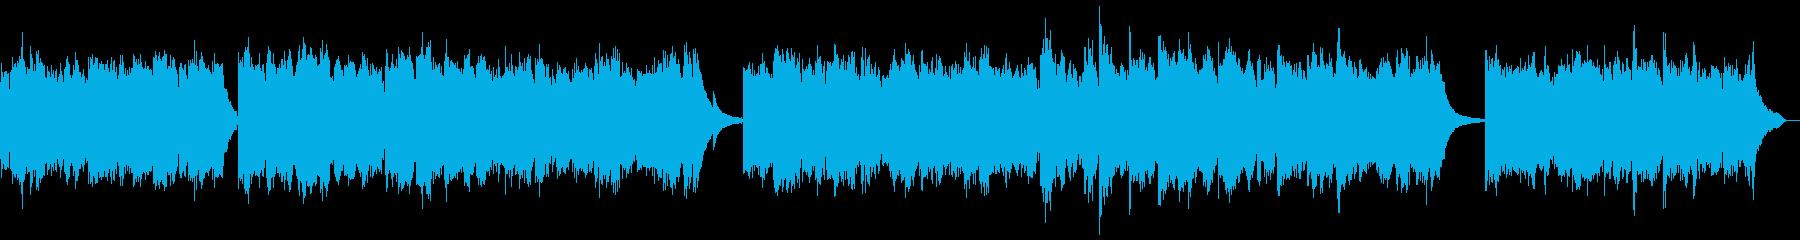 キラキラ優しいピアノと弦:高音弦楽器なしの再生済みの波形